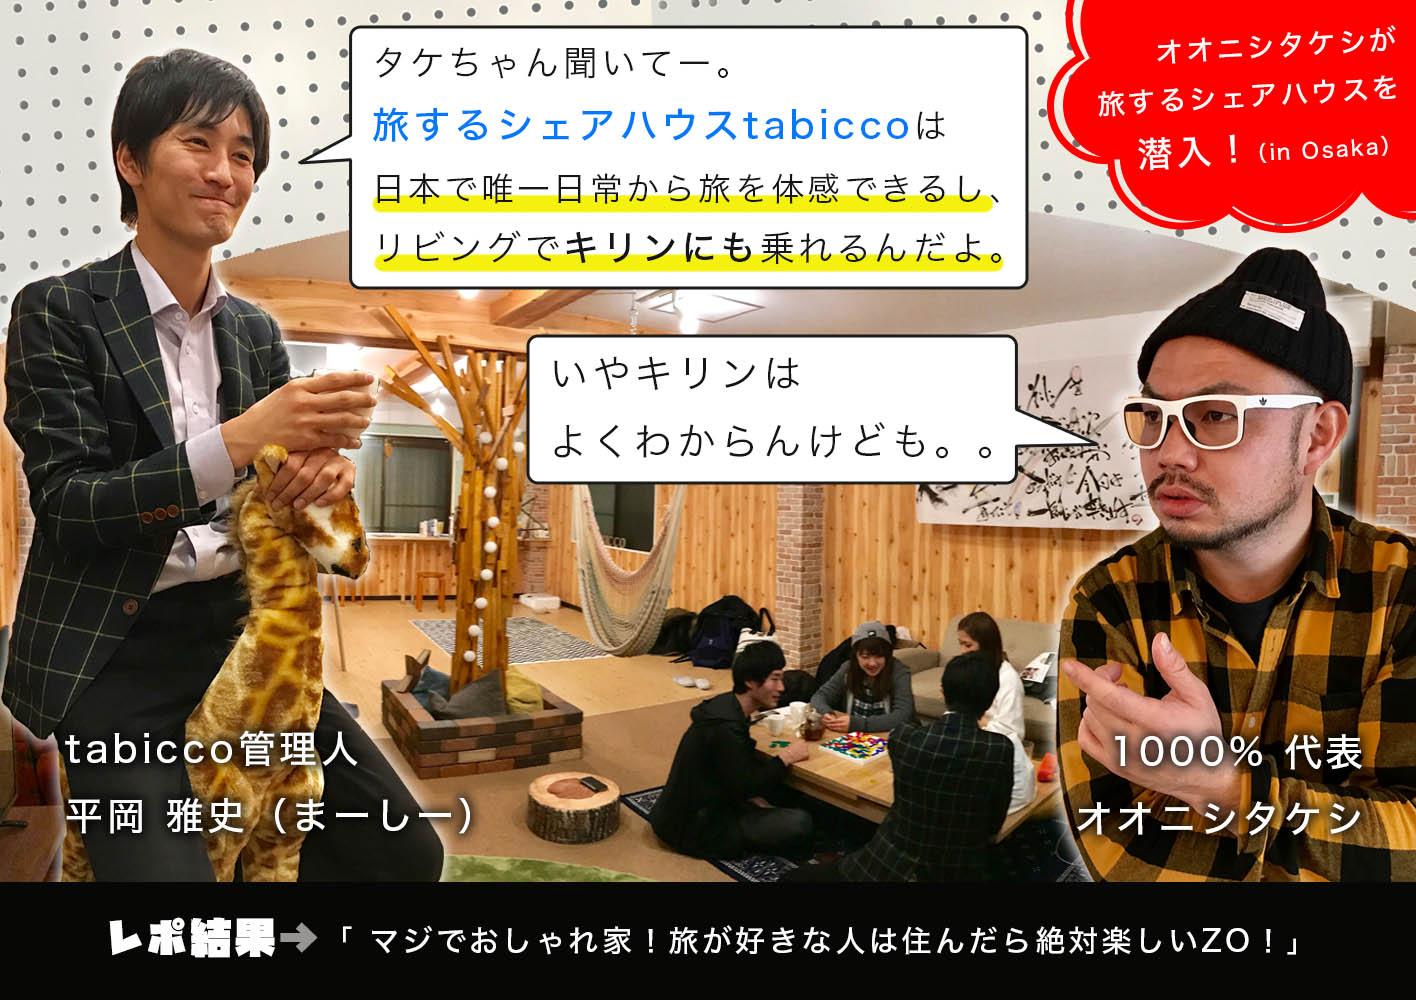 """大阪にある""""旅するシェアハウス tabicco""""に潜入!"""